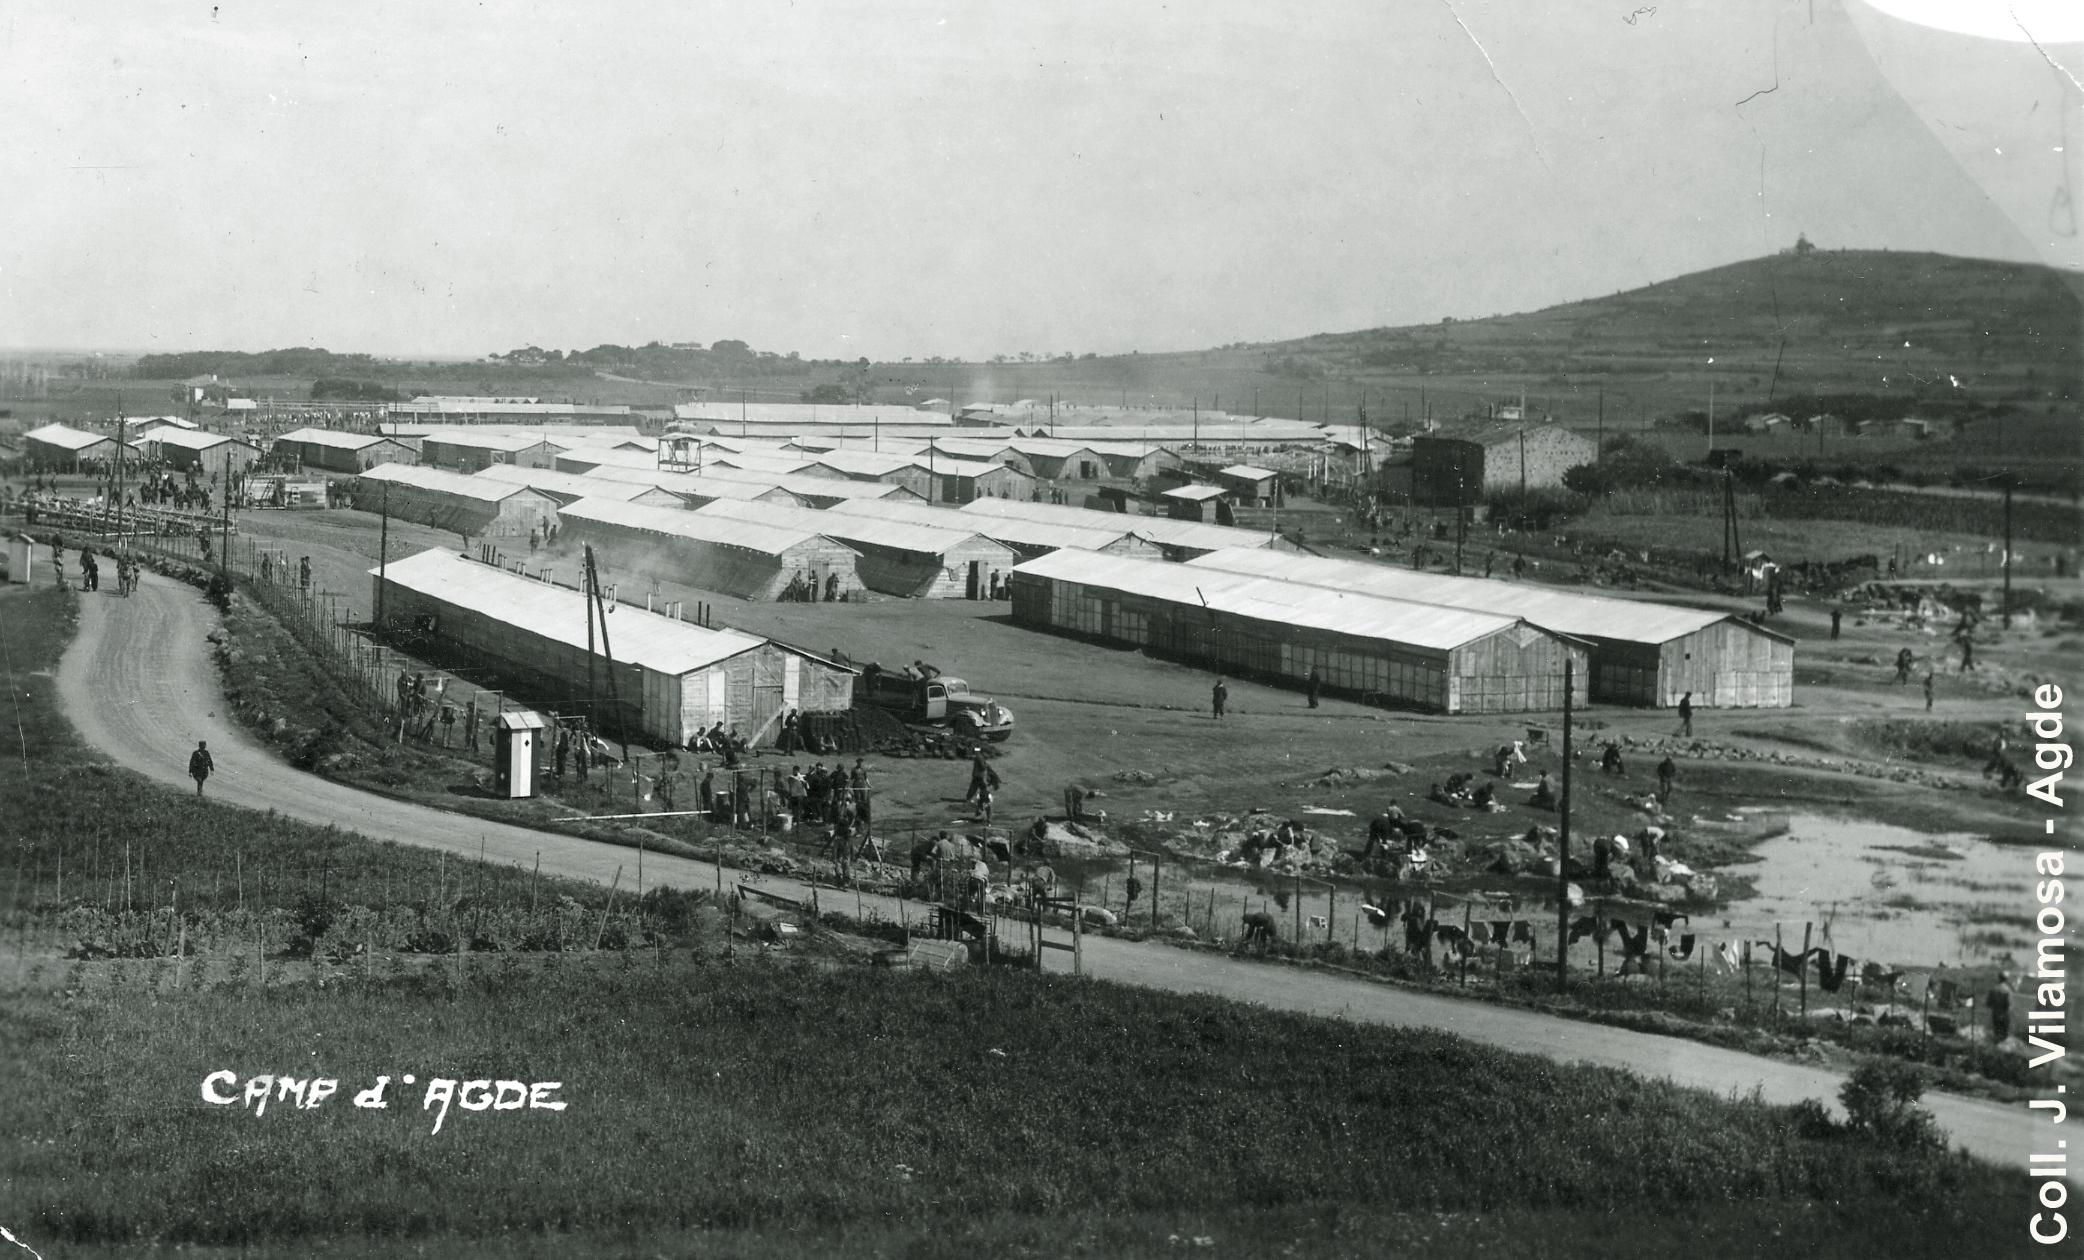 Vue aerienne des baraquements du camp d'Agde